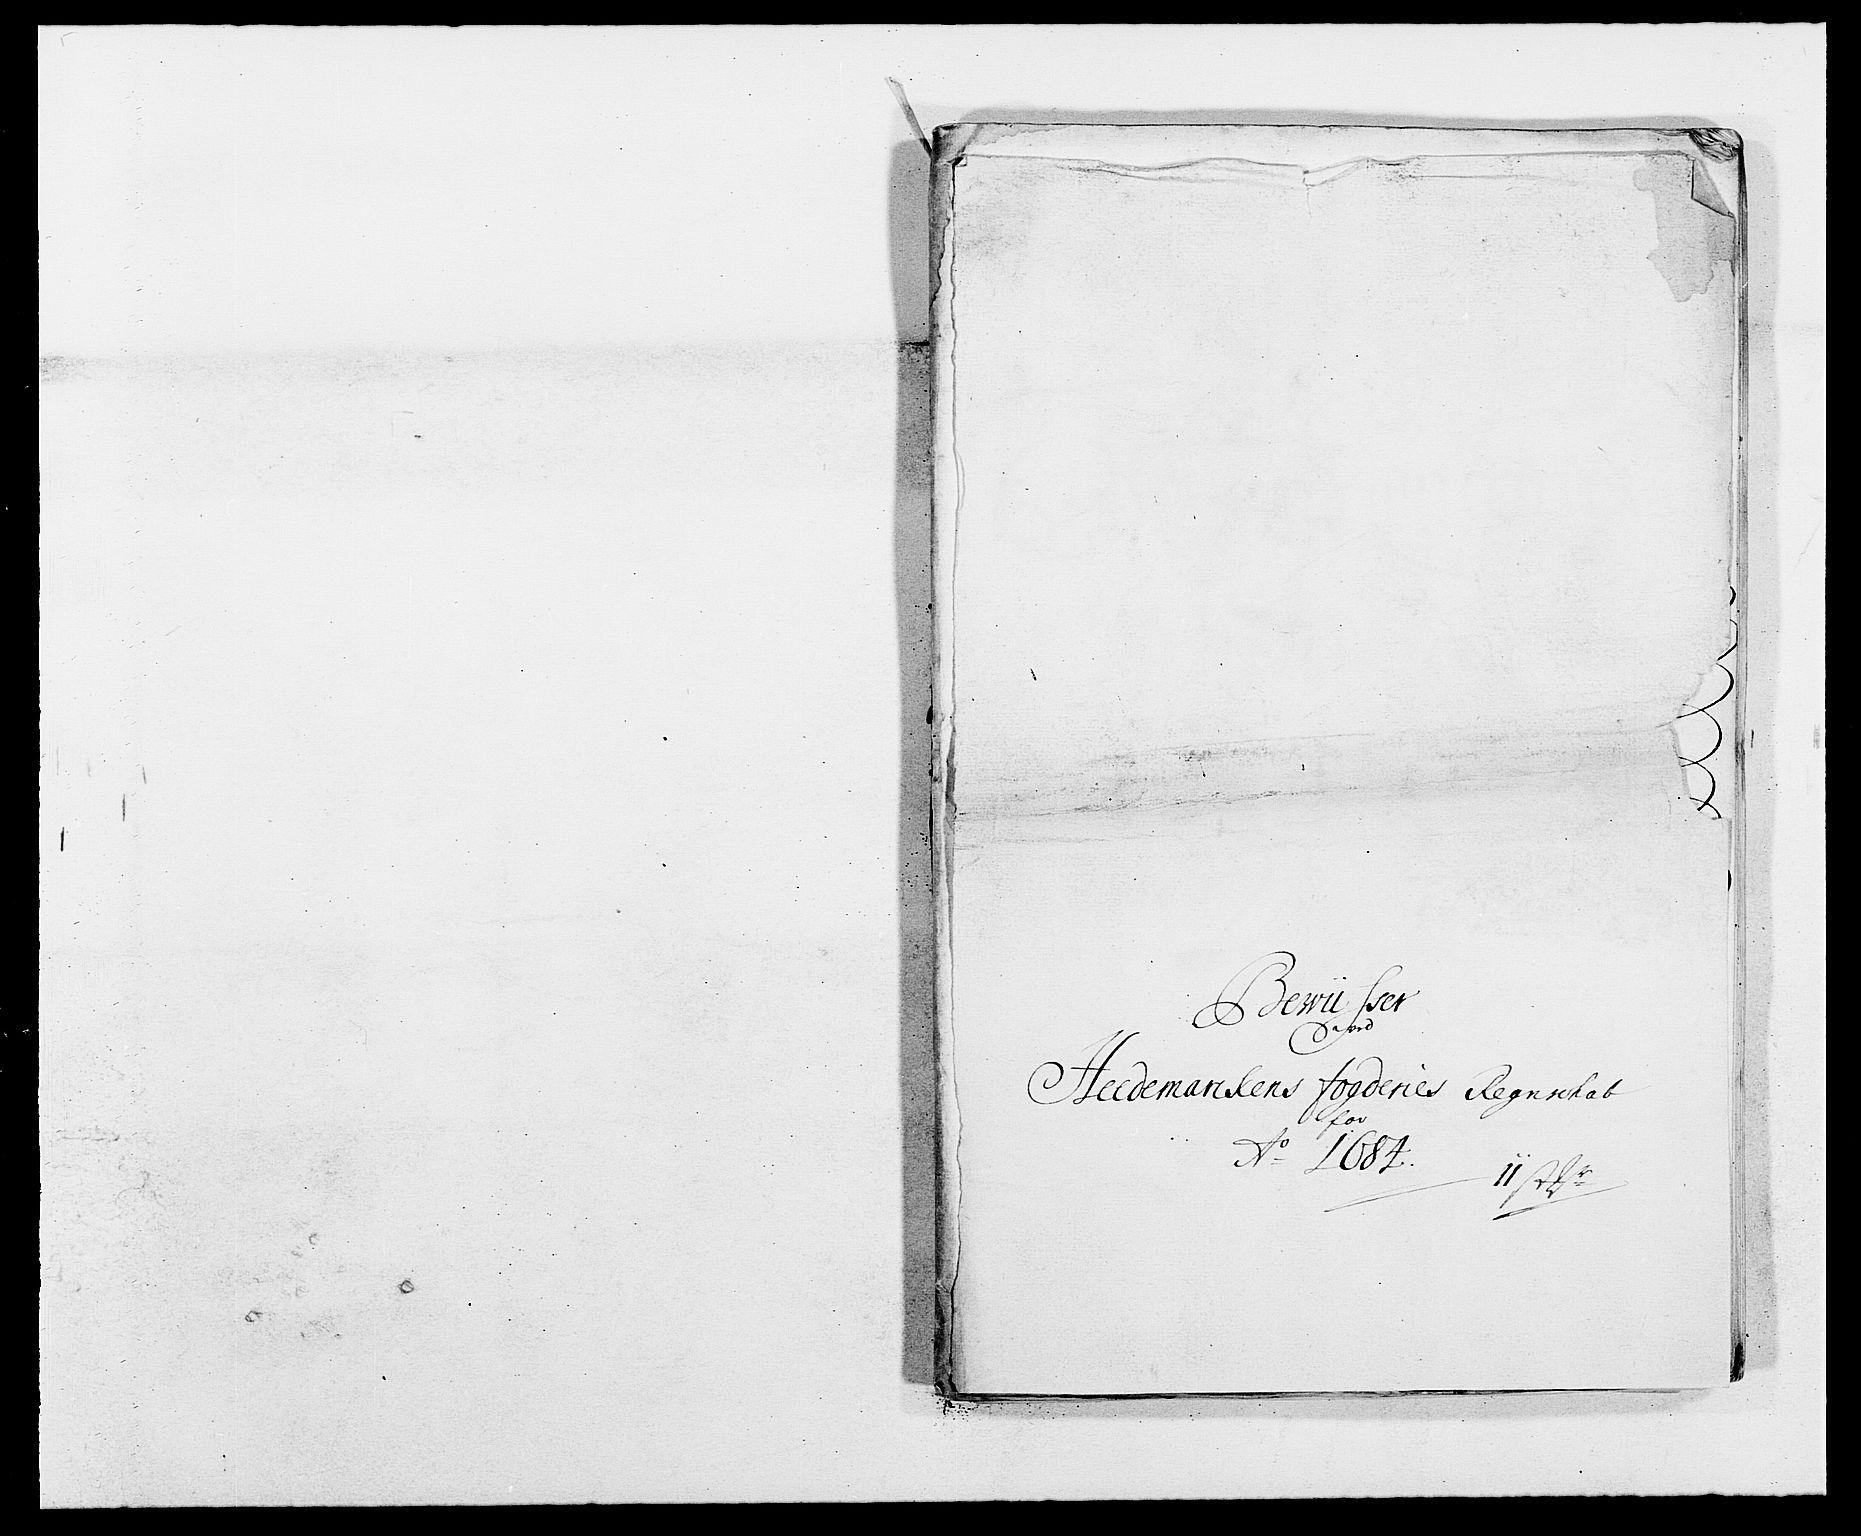 RA, Rentekammeret inntil 1814, Reviderte regnskaper, Fogderegnskap, R16/L1025: Fogderegnskap Hedmark, 1684, s. 345